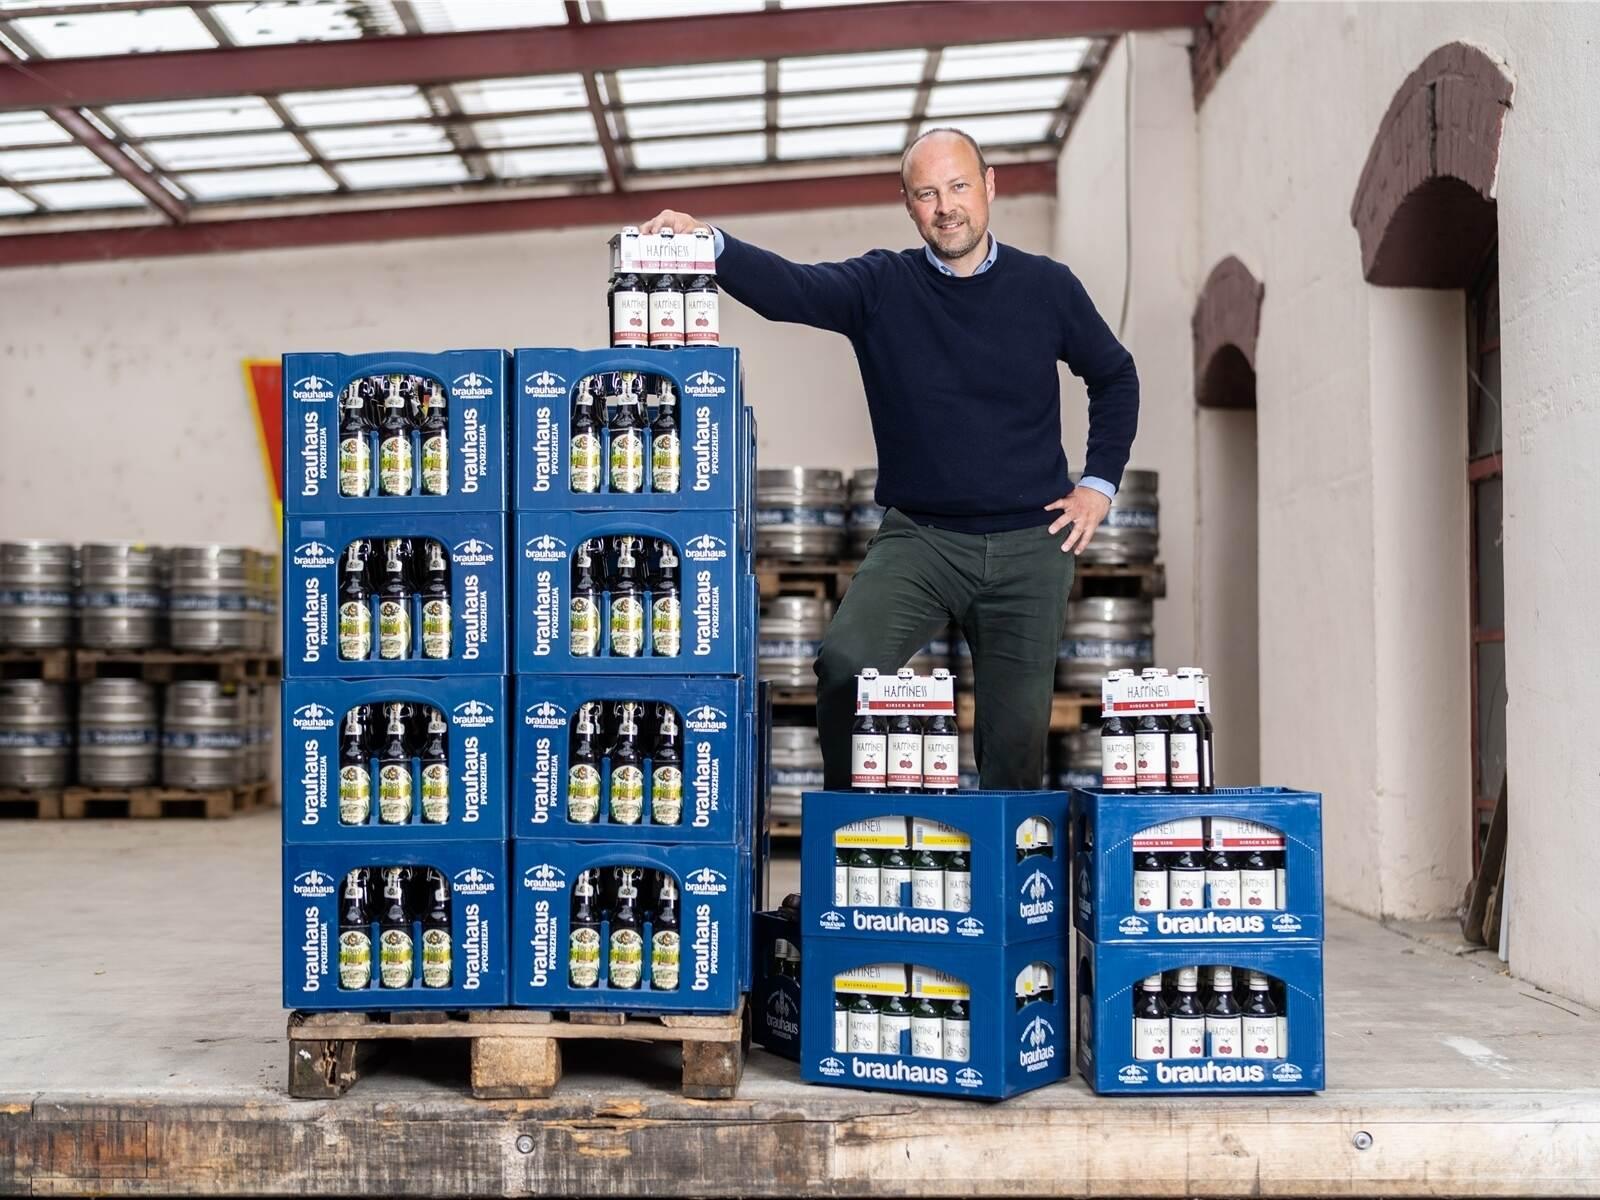 """[Lokal] Pforzheim / Brauhaus Pforzheim / Bier gegen Spende für """"Menschen in Not"""""""